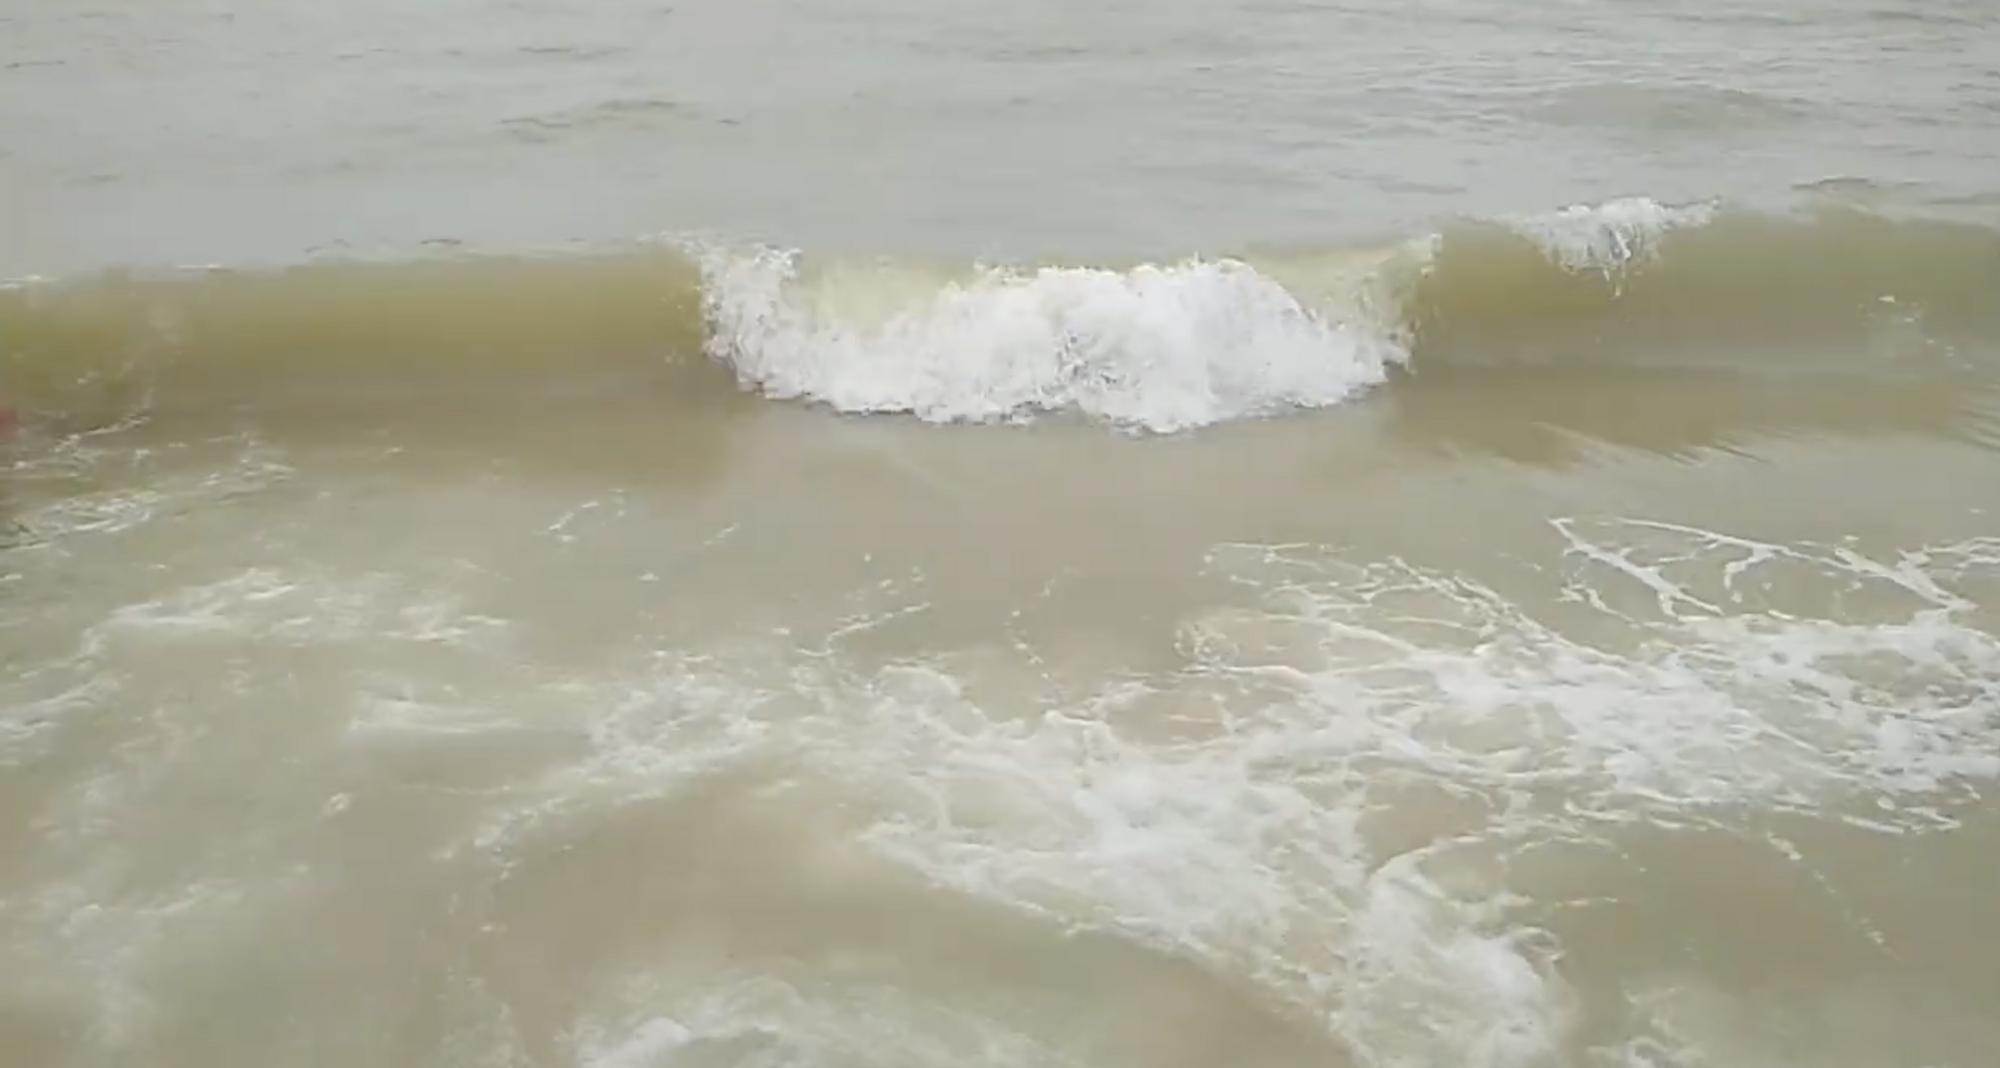 В Кирилловке шторм и мутная вода в море.